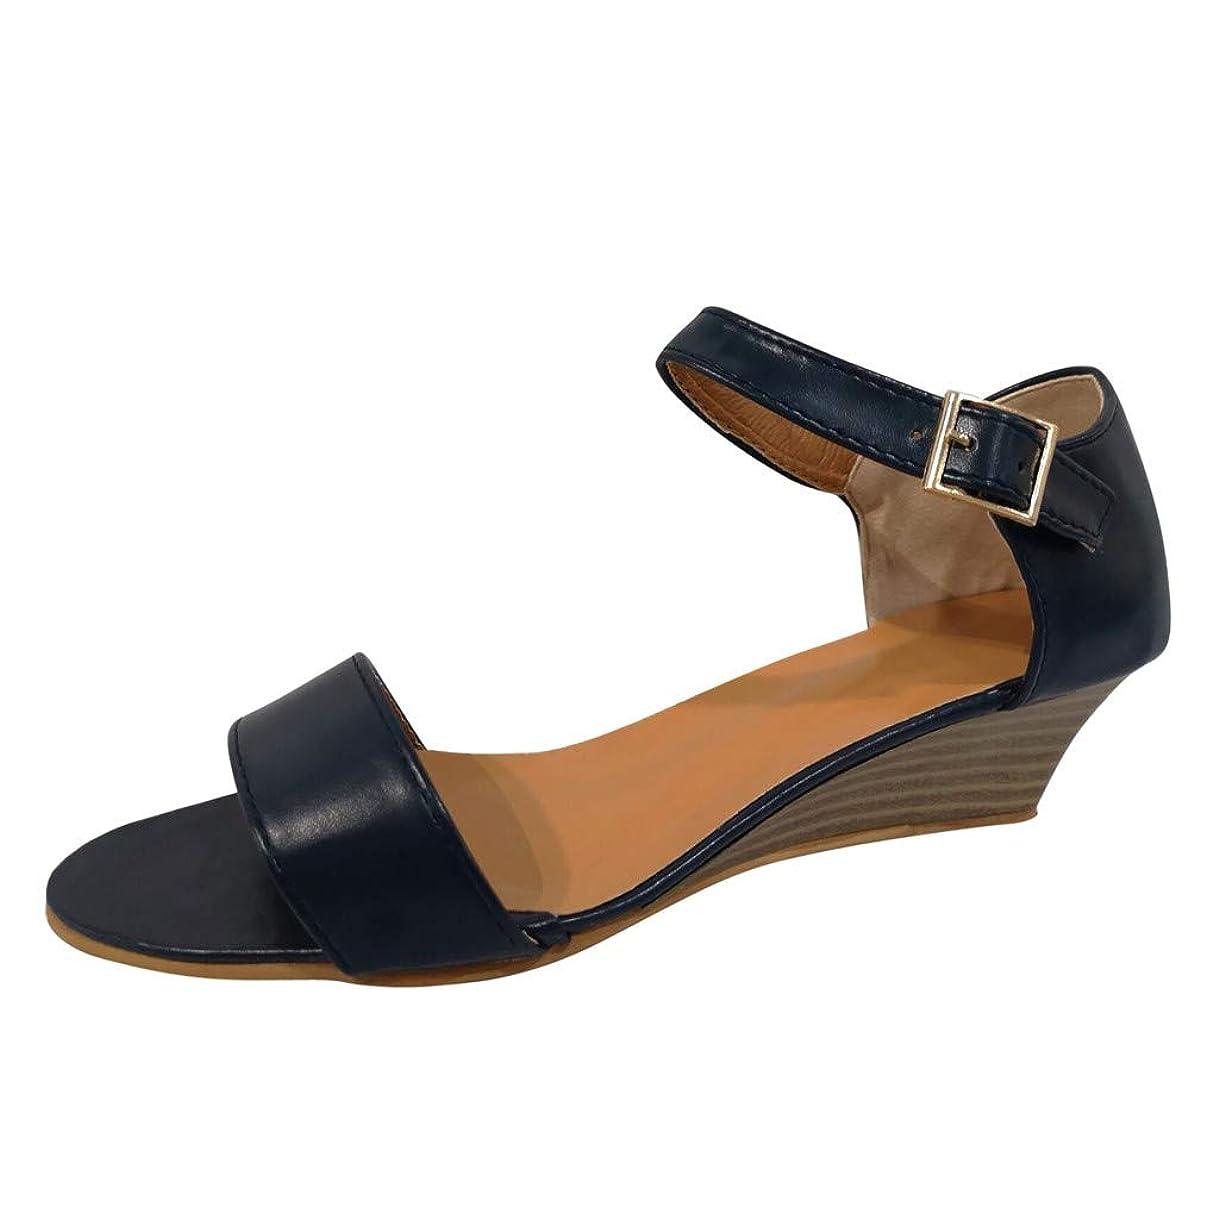 慈善亜熱帯血統美脚 ウェッジソール Foreted ミュール サンダル ローヒール 黒 ウエッジ 靴 歩きやすい 疲れないカジュアル コンフォートサンダル ストラップ 痛くない